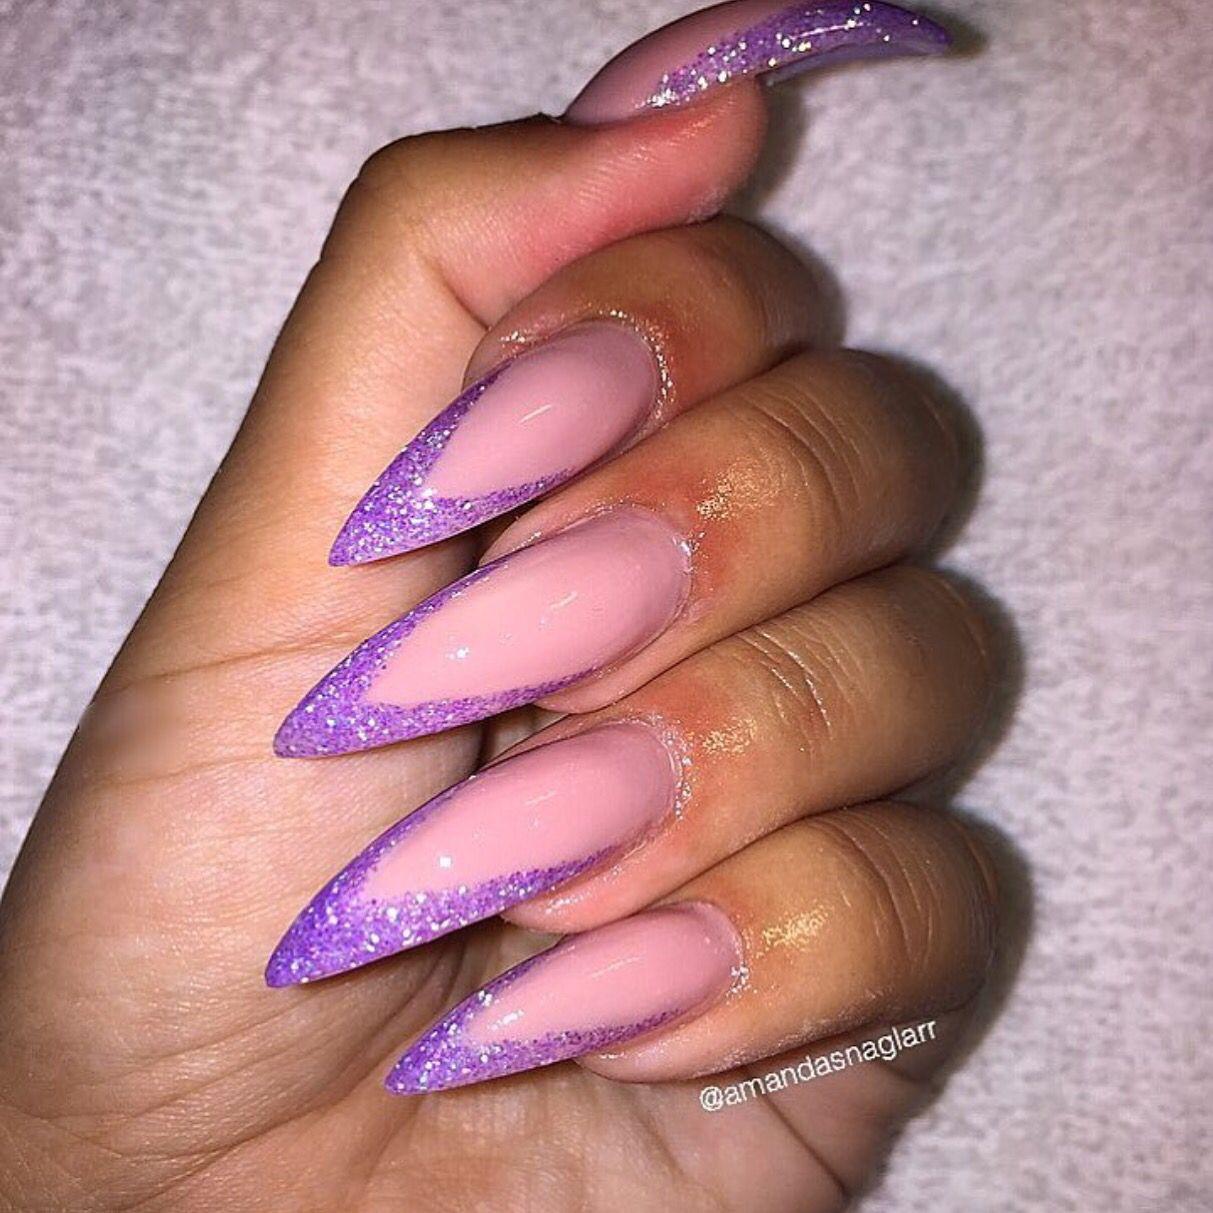 ♡ pinterest : brittesh18 ♡ | jazzy nails | Pinterest | Abrigos ...